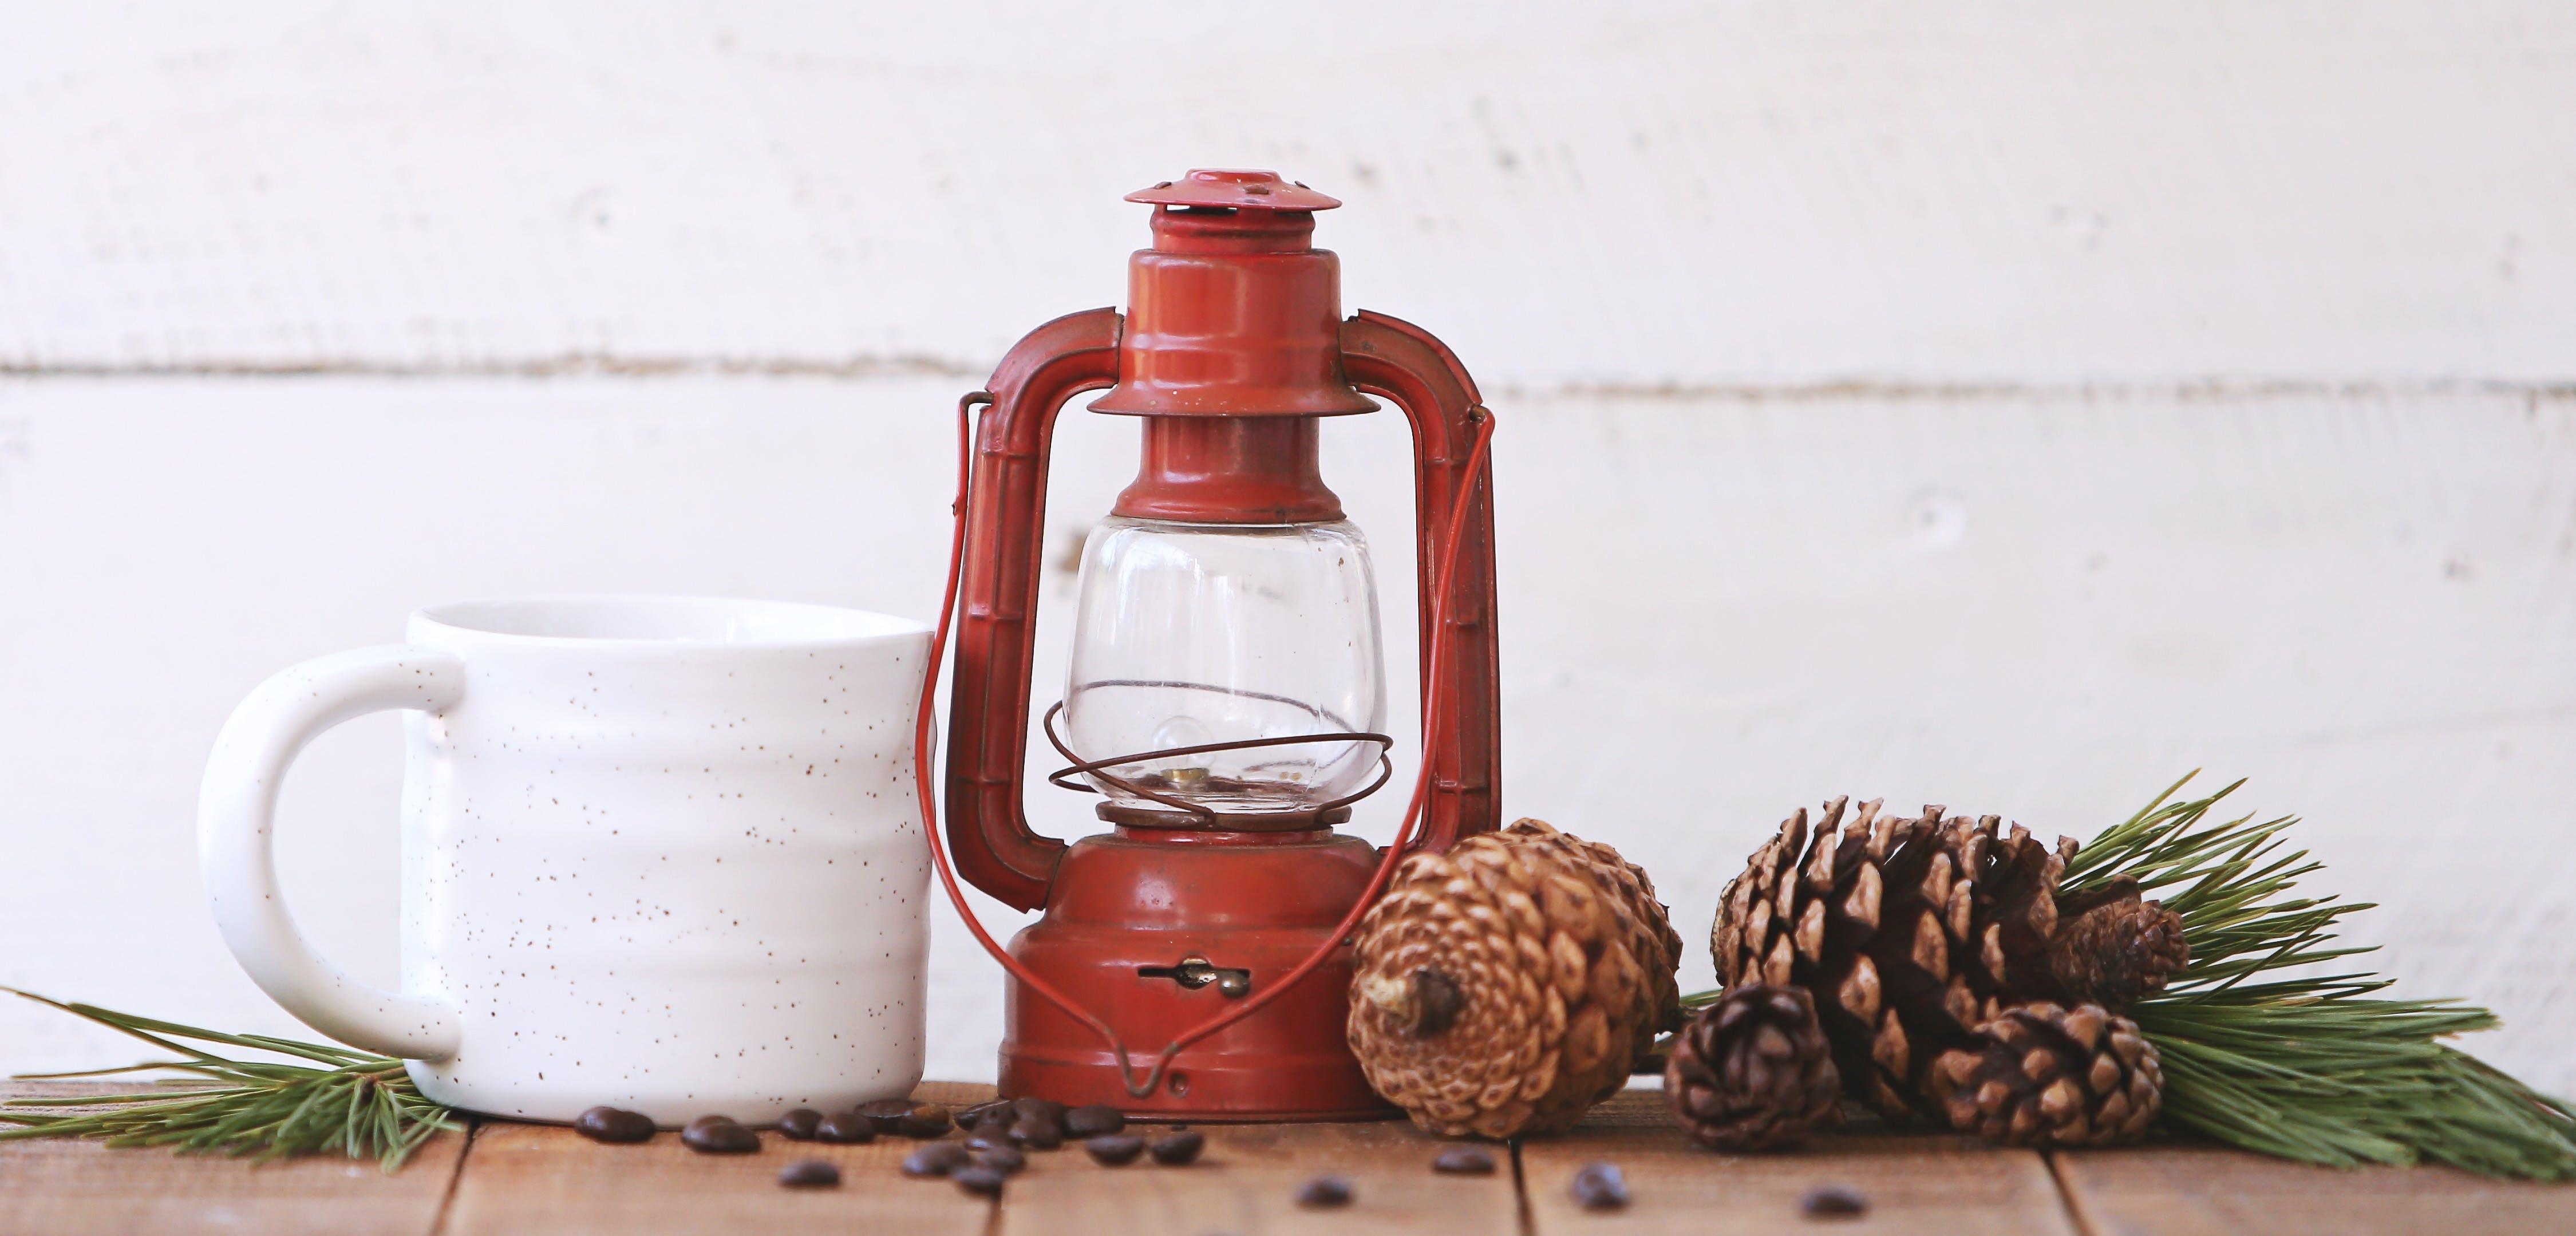 Red Kerosene Lantern Beside White Ceramic Mug on Brown Wooden Table